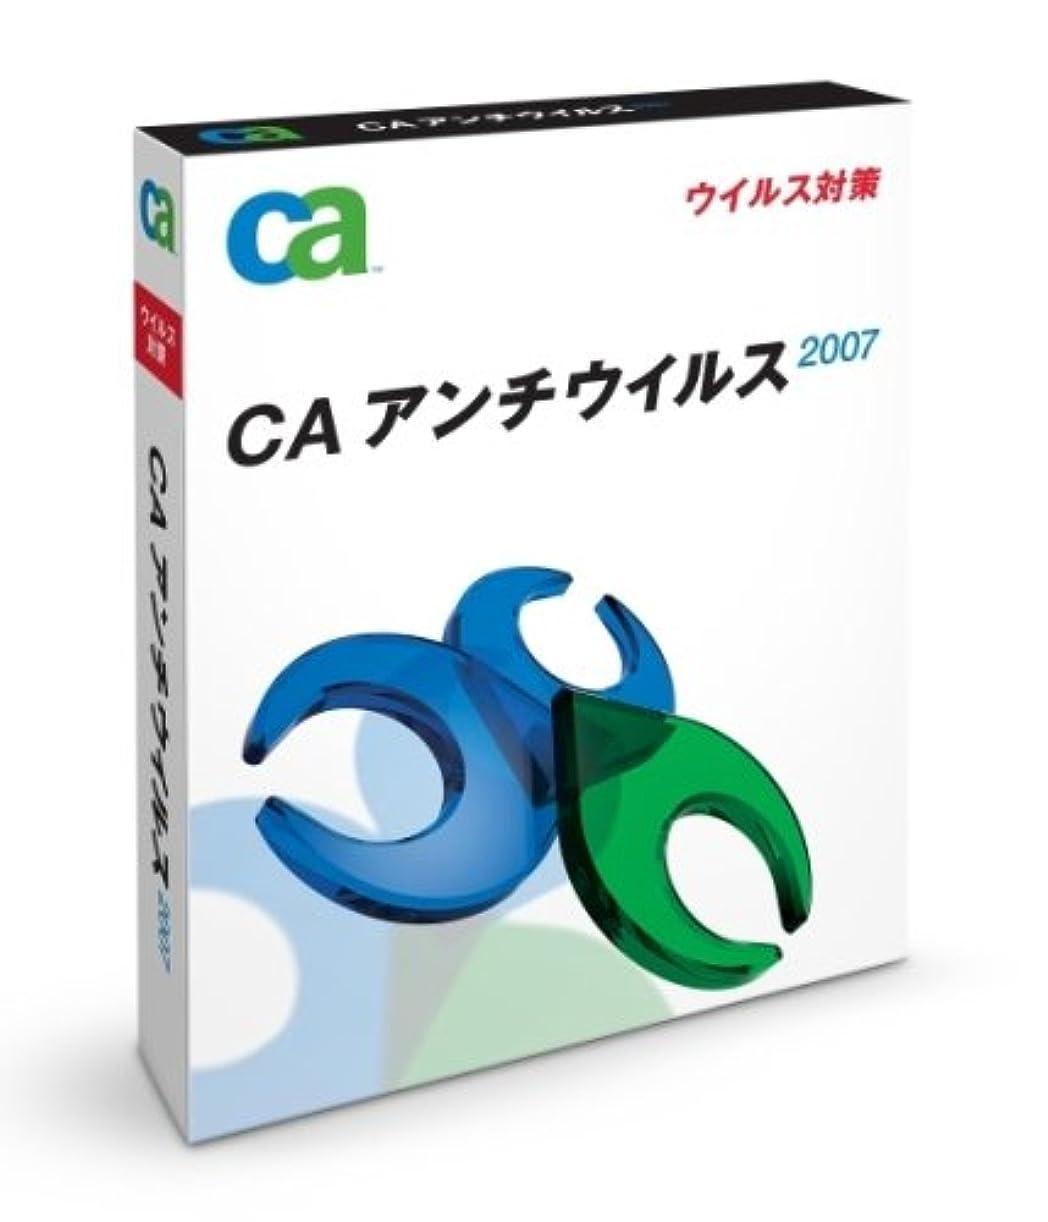 着る同様のページェントCA アンチウイルス 2007 特別優待版